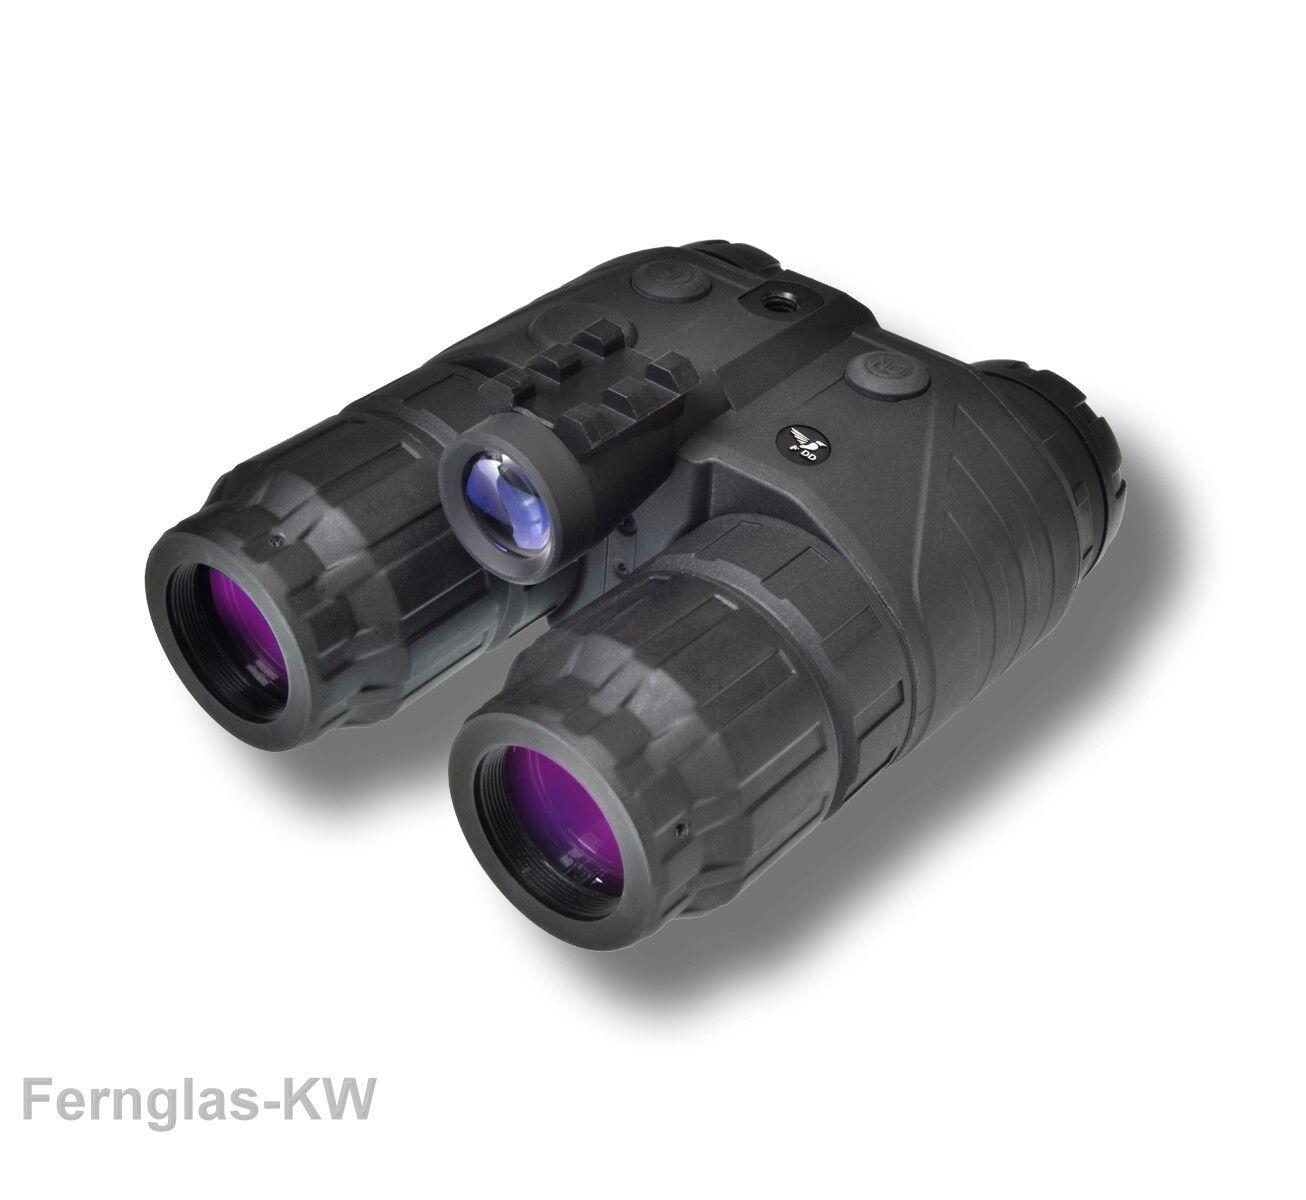 Ddoptics visión nocturna dispositivo Ultralight 1x24 binocular